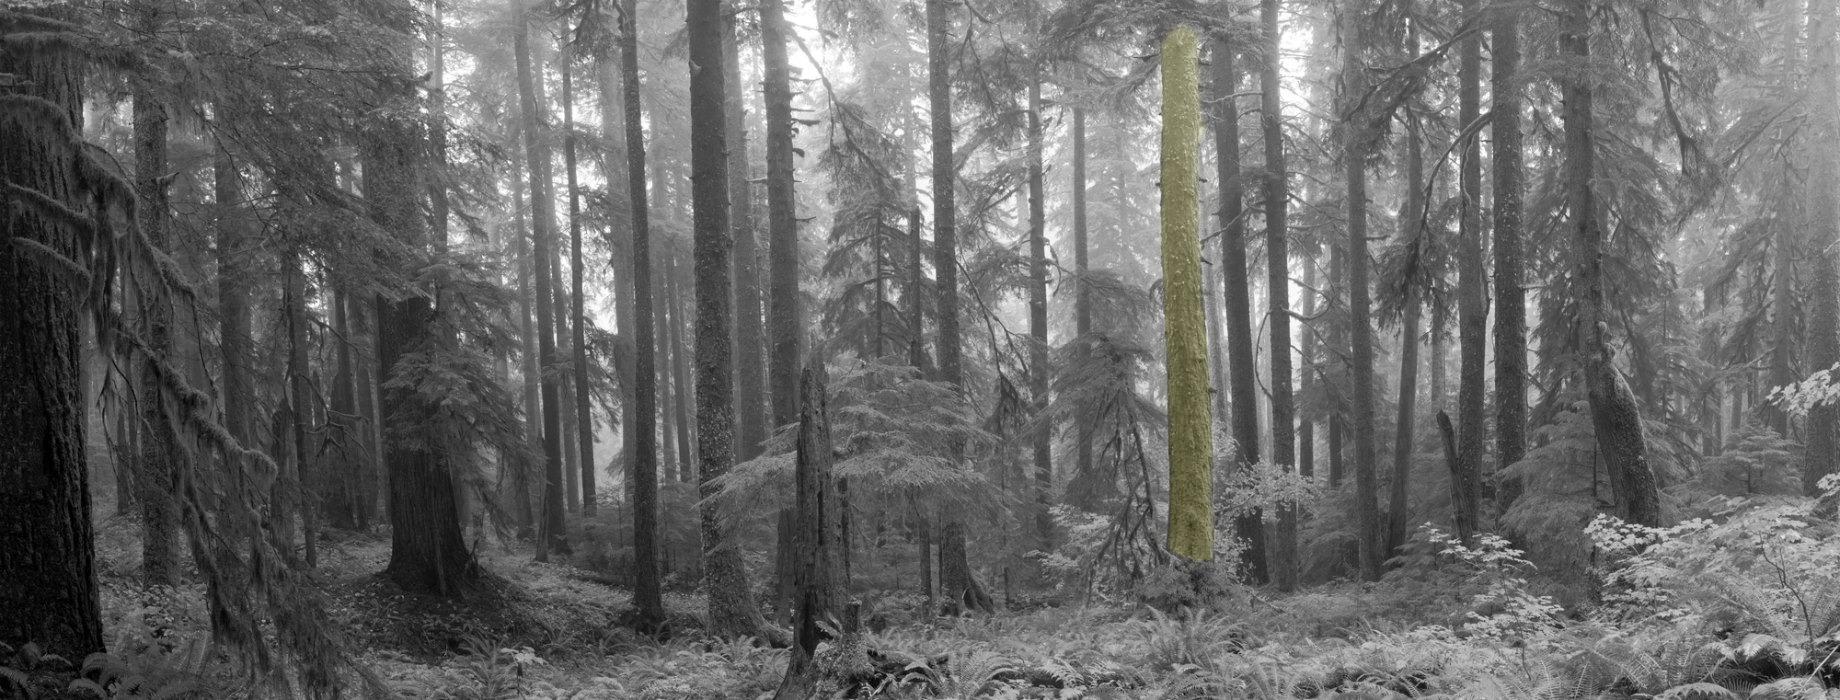 trees-1840x-v2